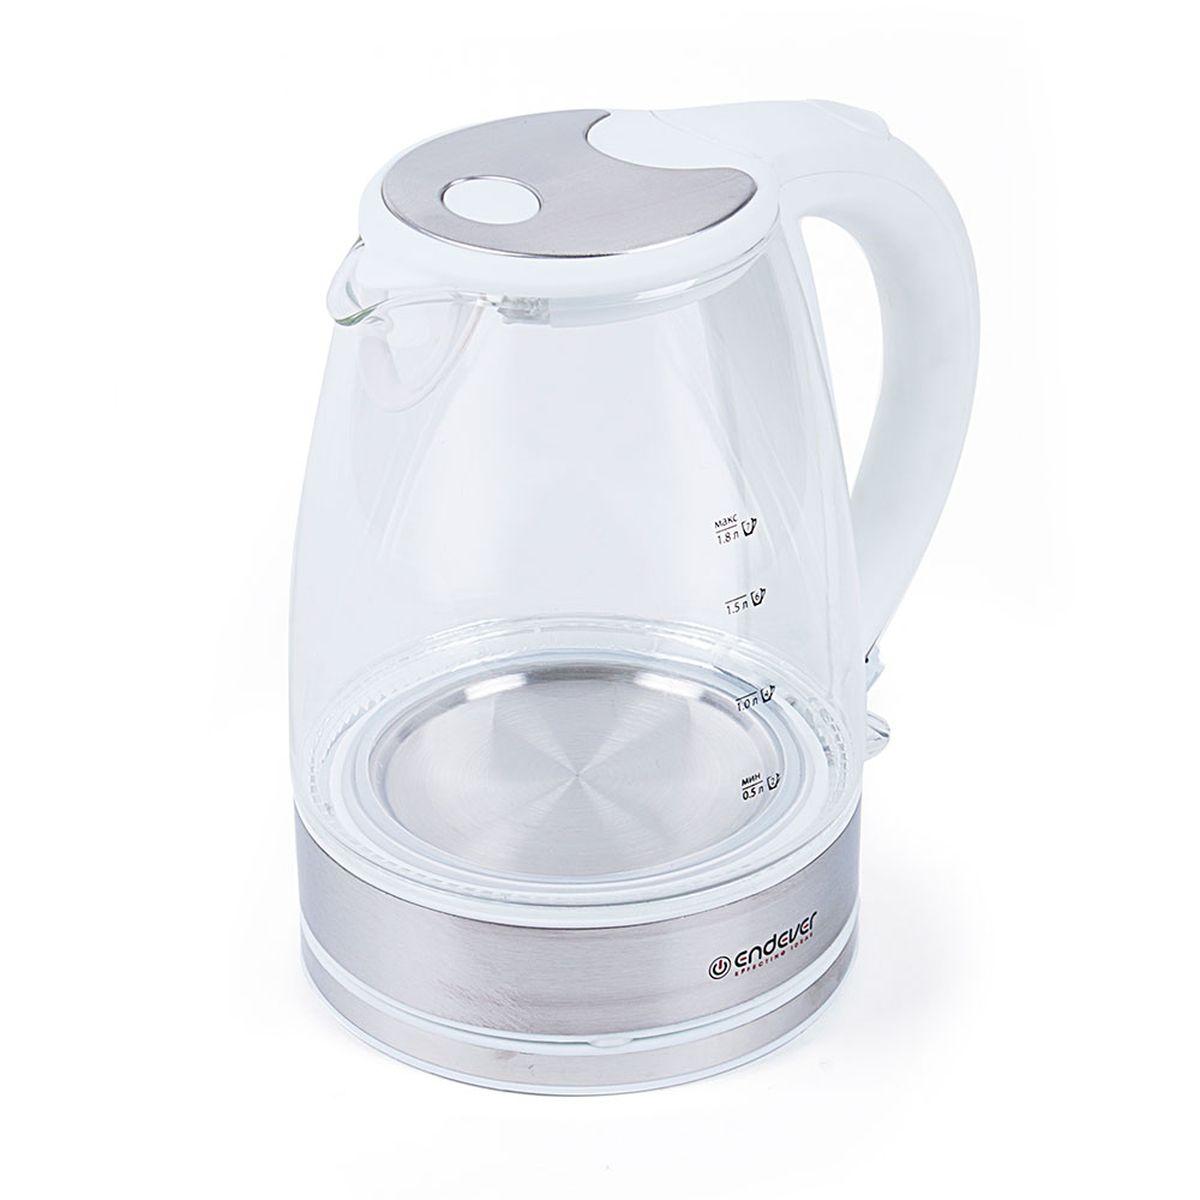 Endever KR-319G Skyline электрический чайникKR-319GКорпус чайника Endever KR-319G Skyline выполнен из высококачественного термостойкого стекла, сохраняющего природные свойства воды. Благодаря максимальной мощности 2400 Вт, данная модель за считанные минуты вскипятит 1,8 литра воды. Прозрачный корпус со шкалой контроля уровня и внутренней подсветкой позволяет следить за тем, как нагревается вода. Чайник соединён с базой центральным контактом и легко вращается на 360°. Крышка чайника открывается легким нажатием. Фильтр легко снимается, его можно мыть вручную или в посудомоечной машине. Нагревательный элемент встроен в дно и надежно защищен, что делает его чистку максимально удобной. Среди характеристик безопасности использования чайника стоит отметить автоматический и ручной выключатели, а также защиту от перегрева.